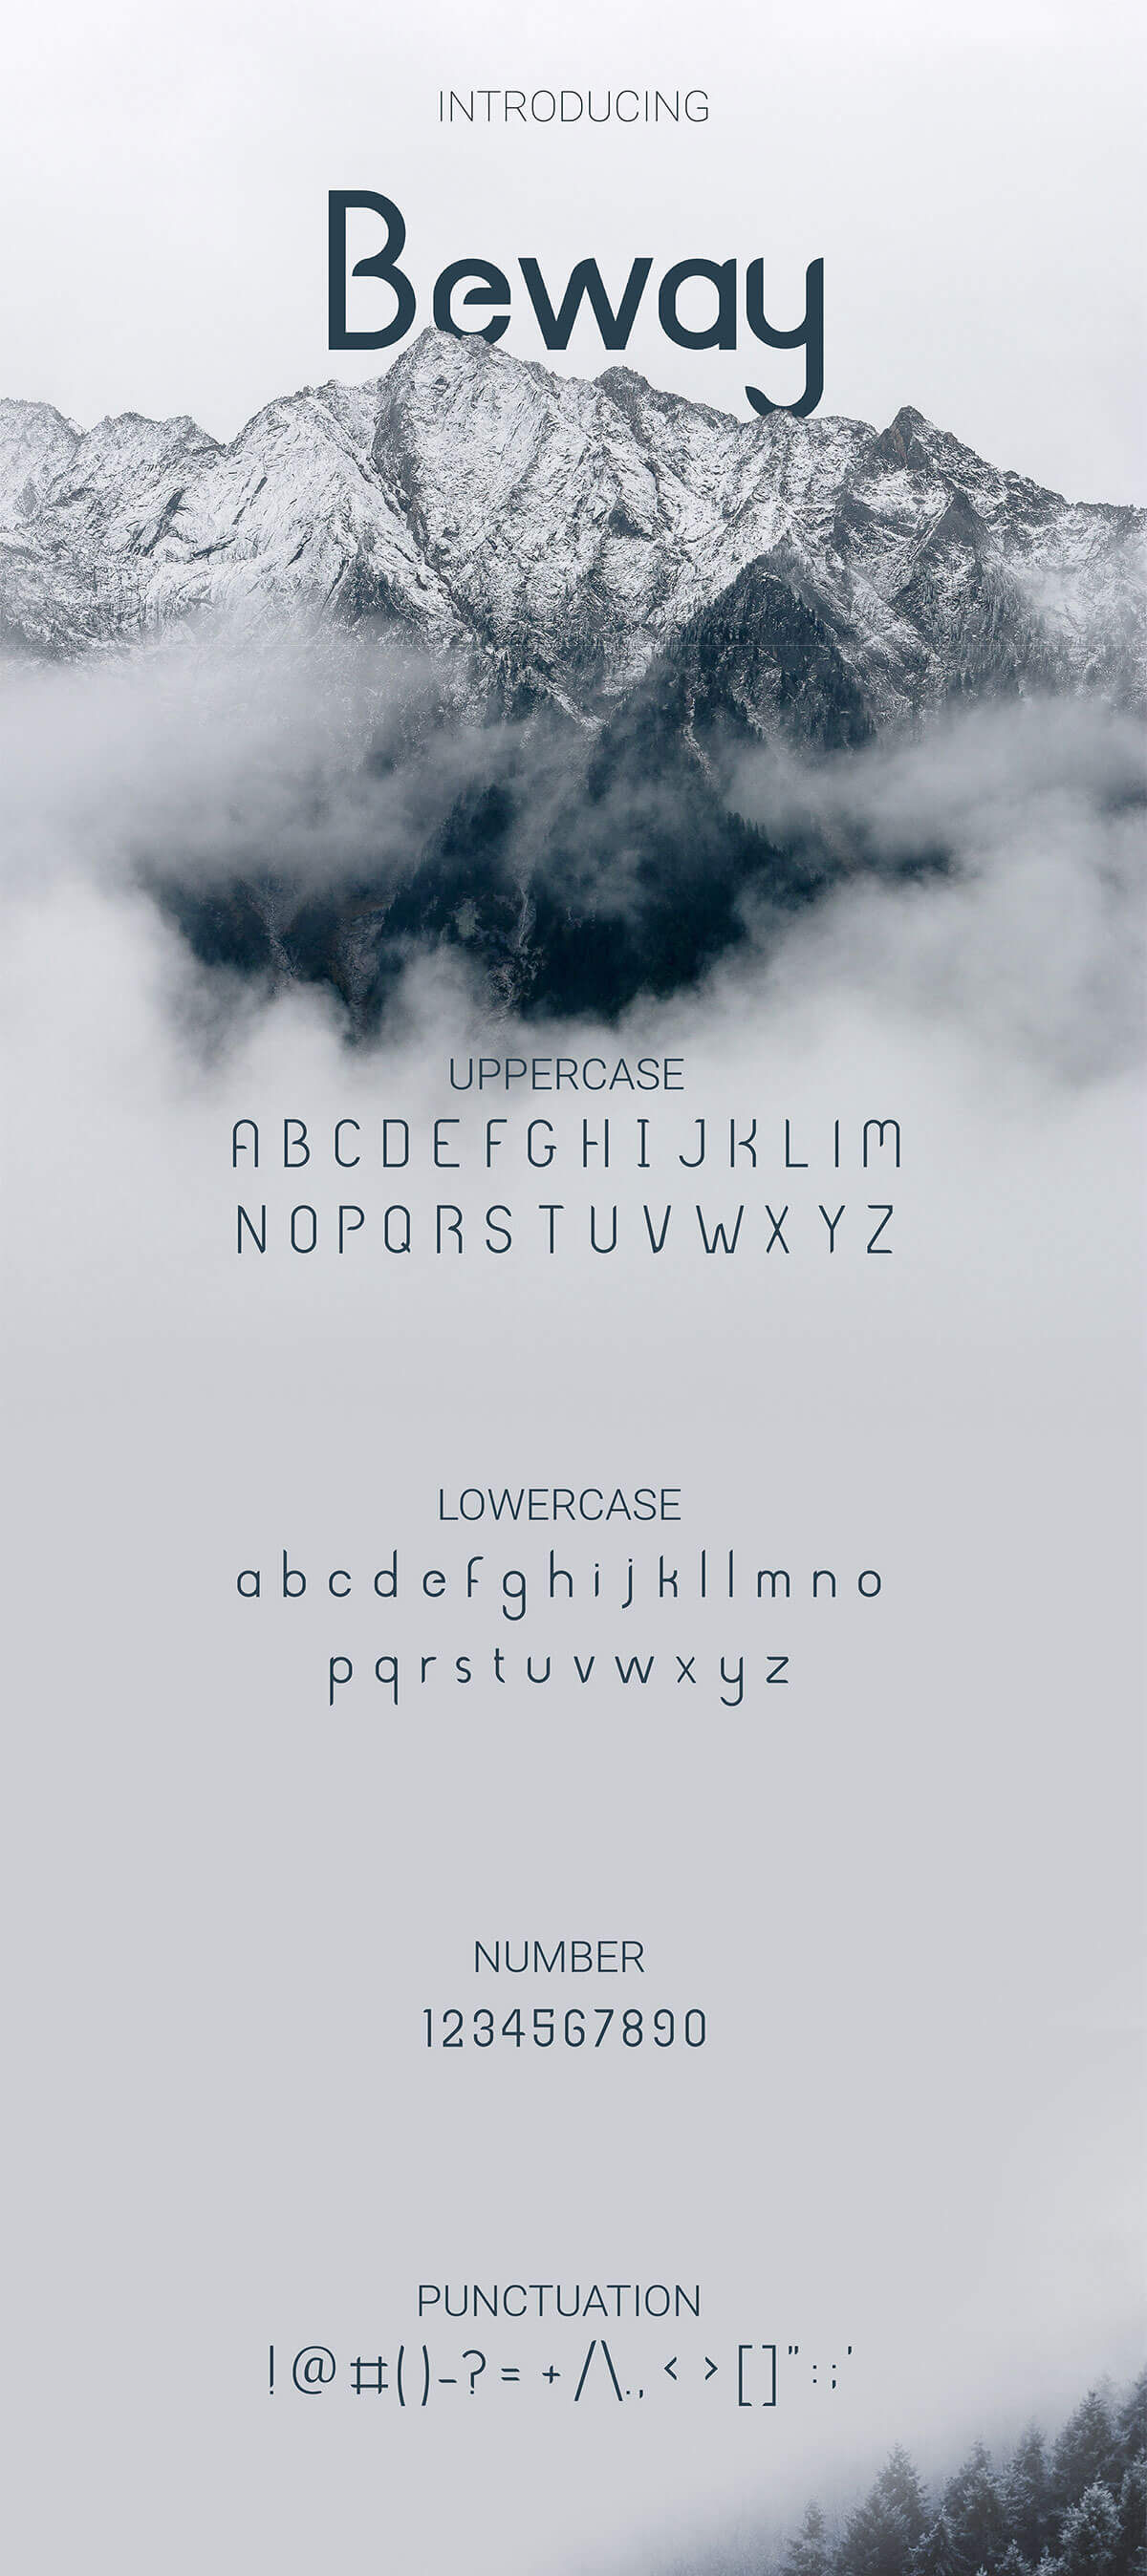 Free Beway Sans Serif Font